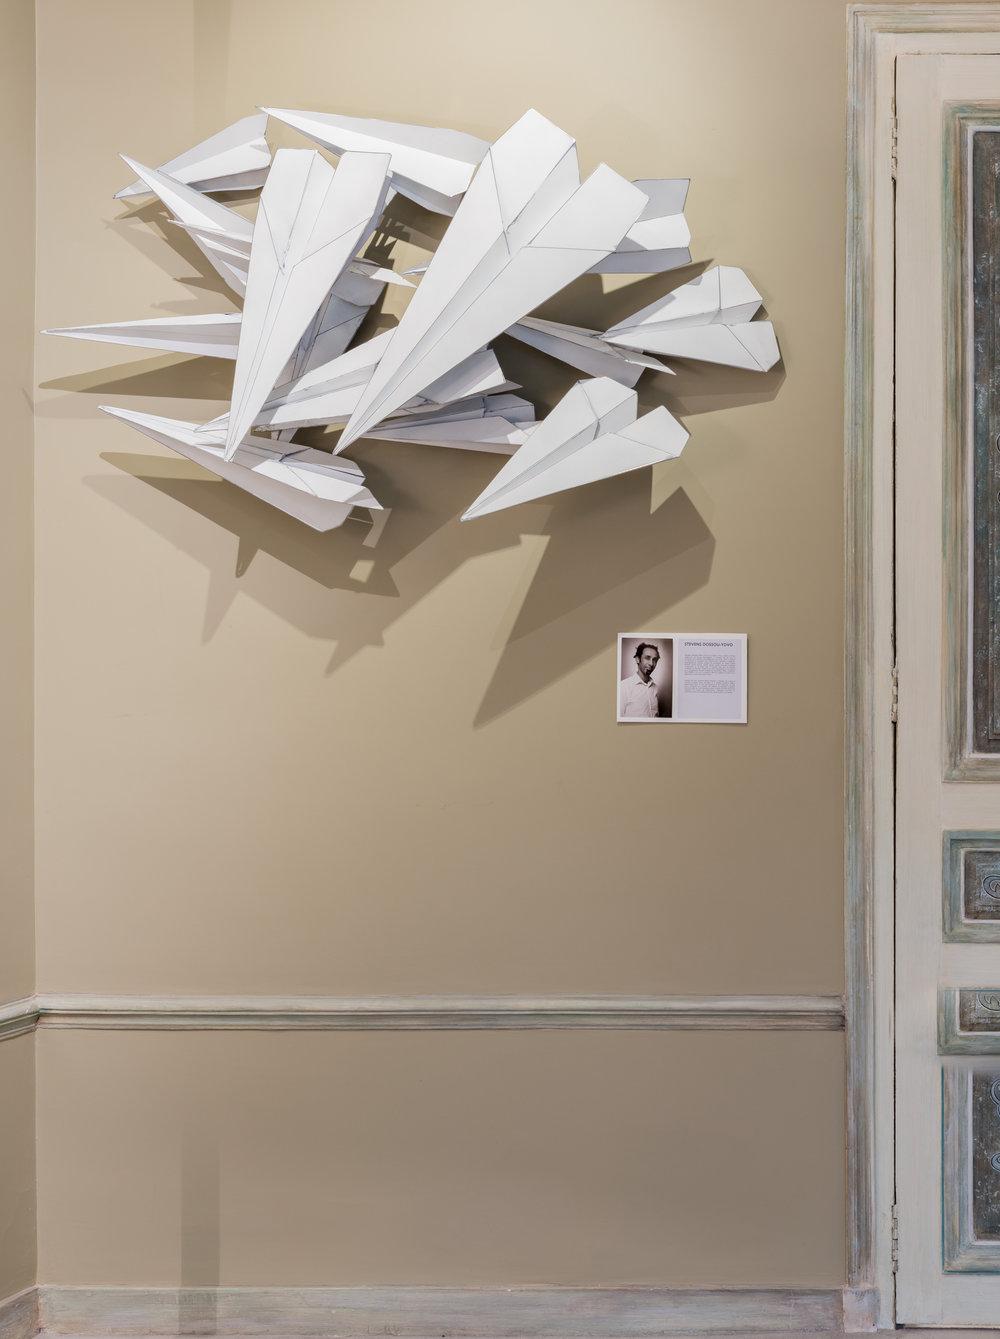 exposition-papier1-8.jpg